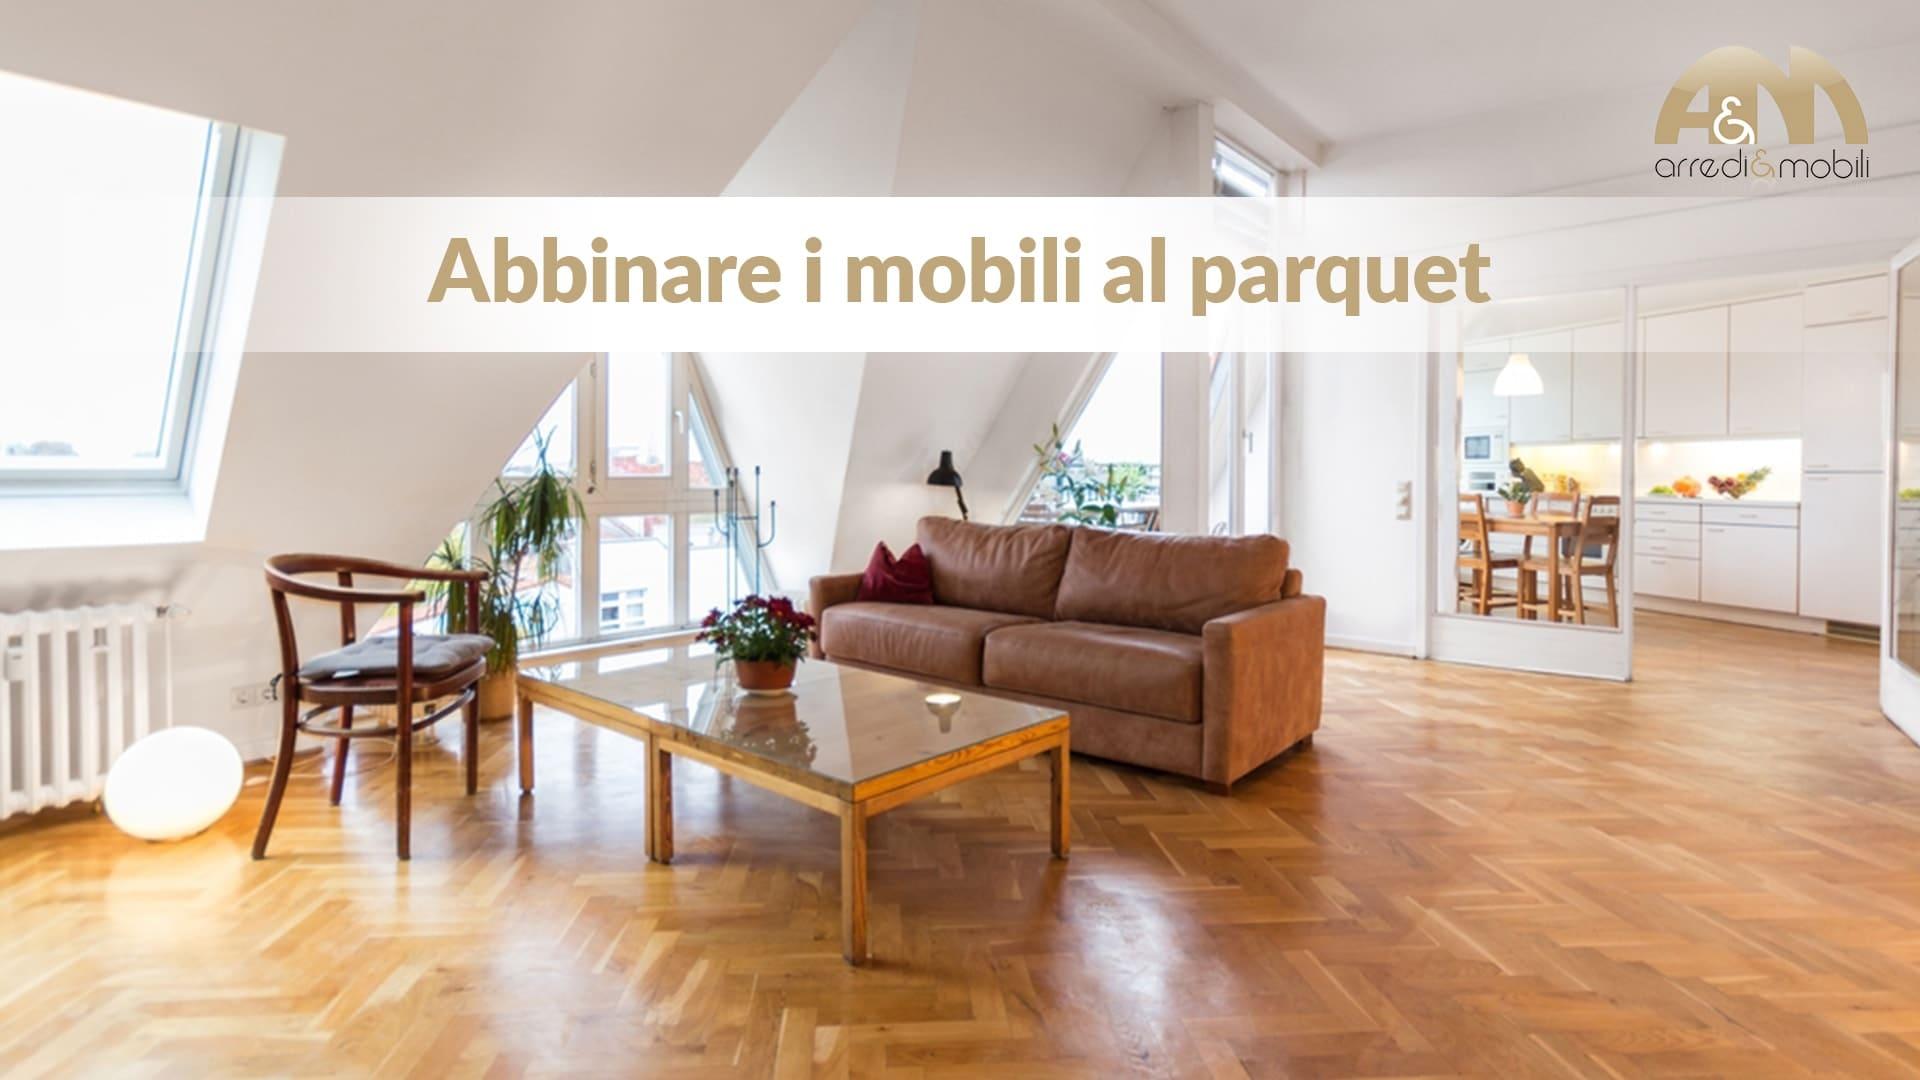 Pavimento Da Abbinare Al Parquet abbinare i mobili al parquet? facile, con i nostri consigli